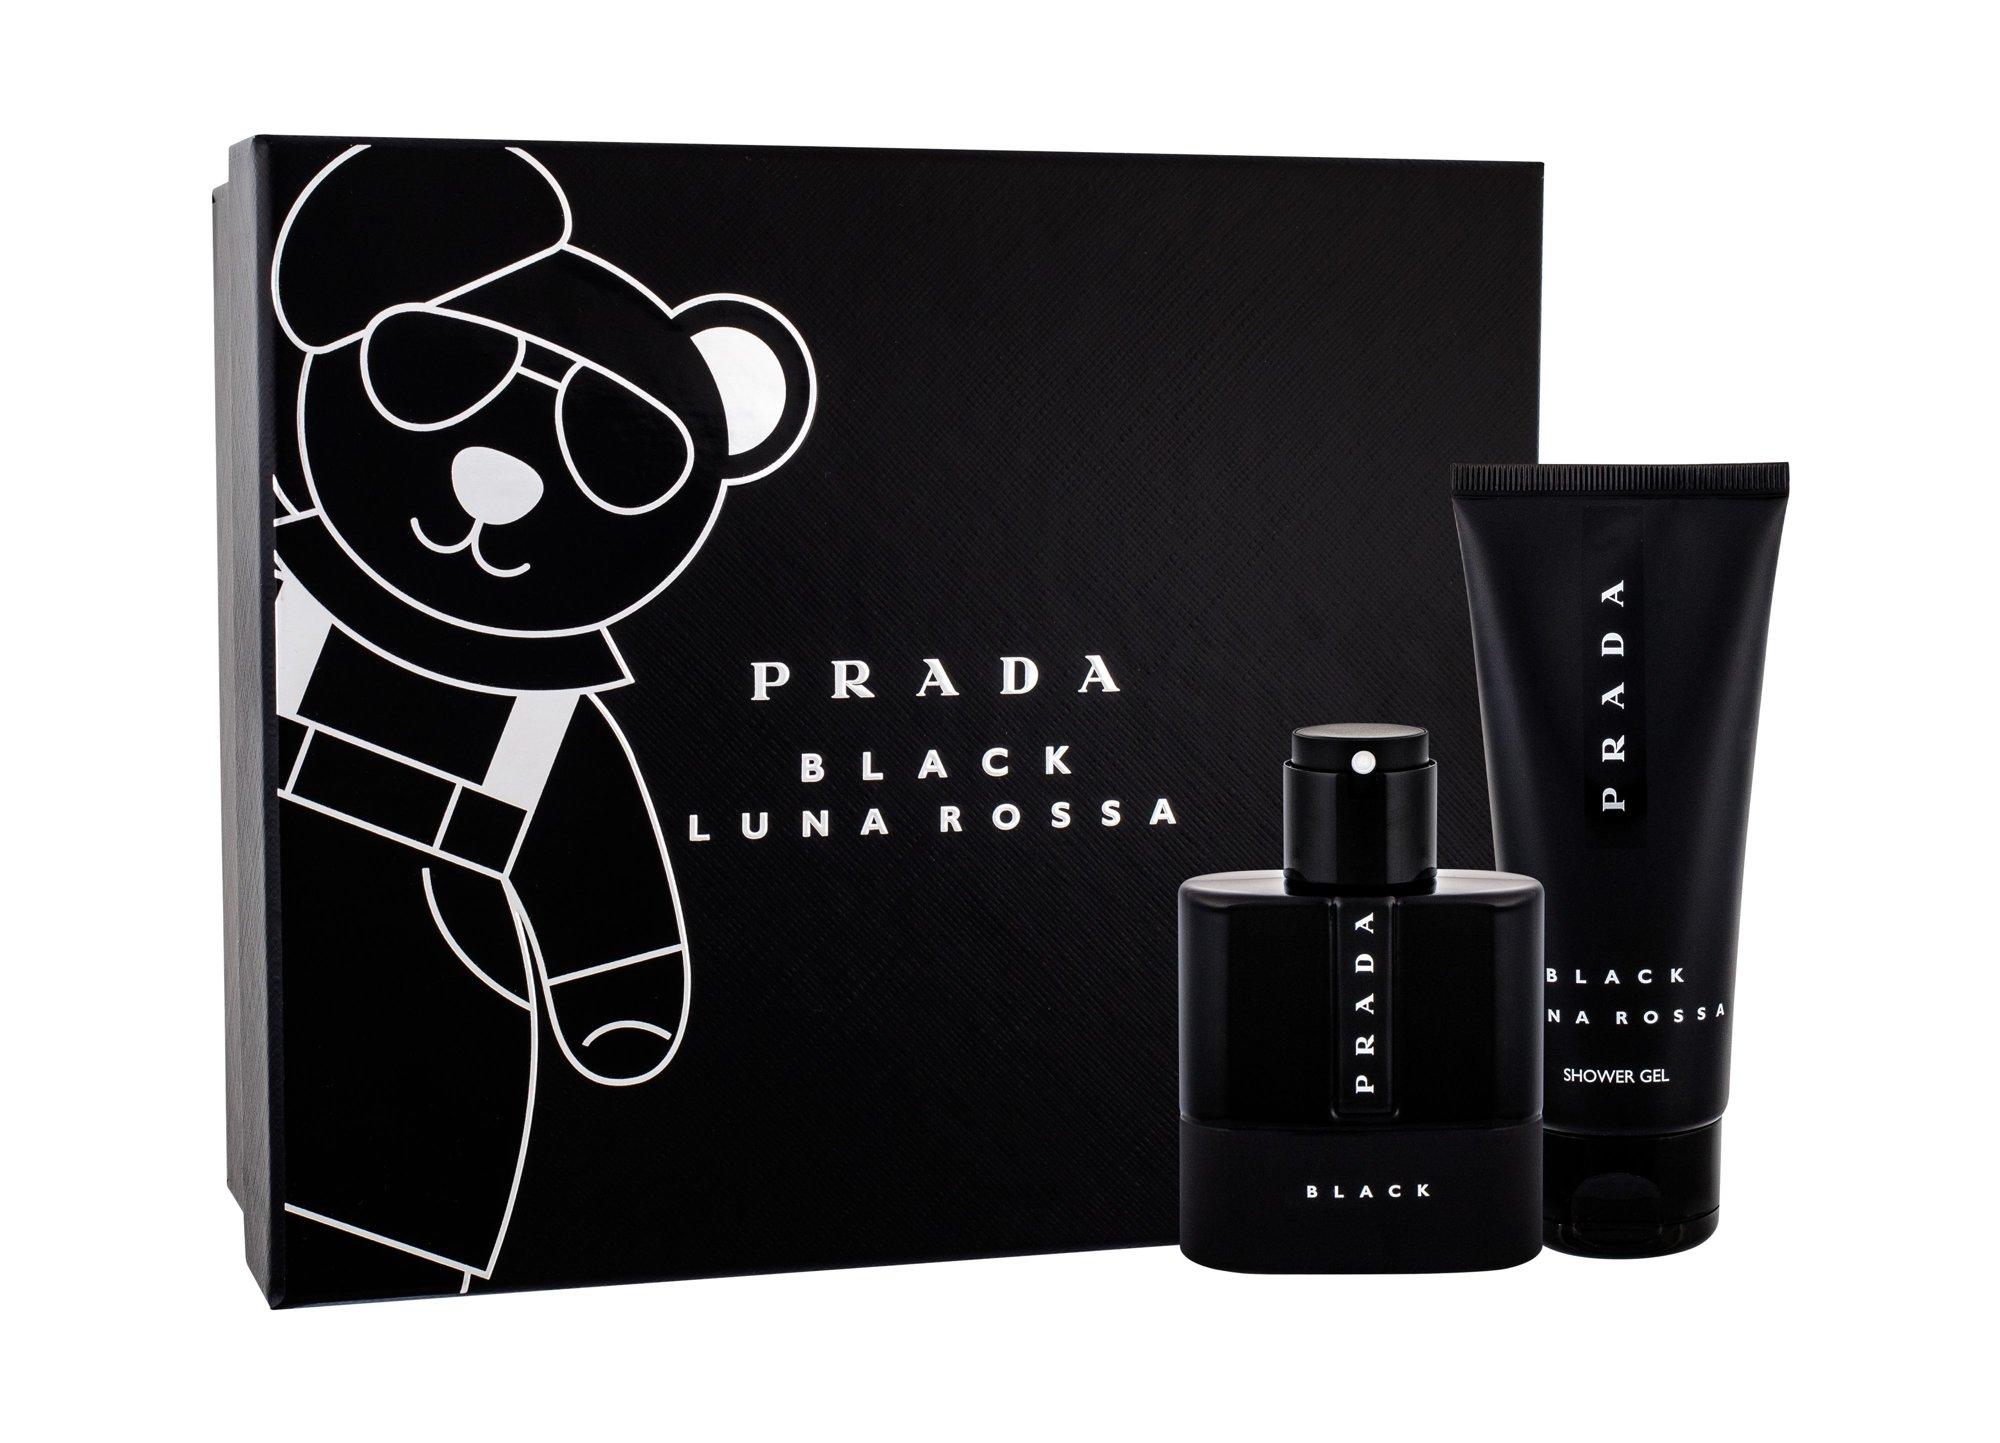 Prada Luna Rossa Black Eau de Parfum 50ml